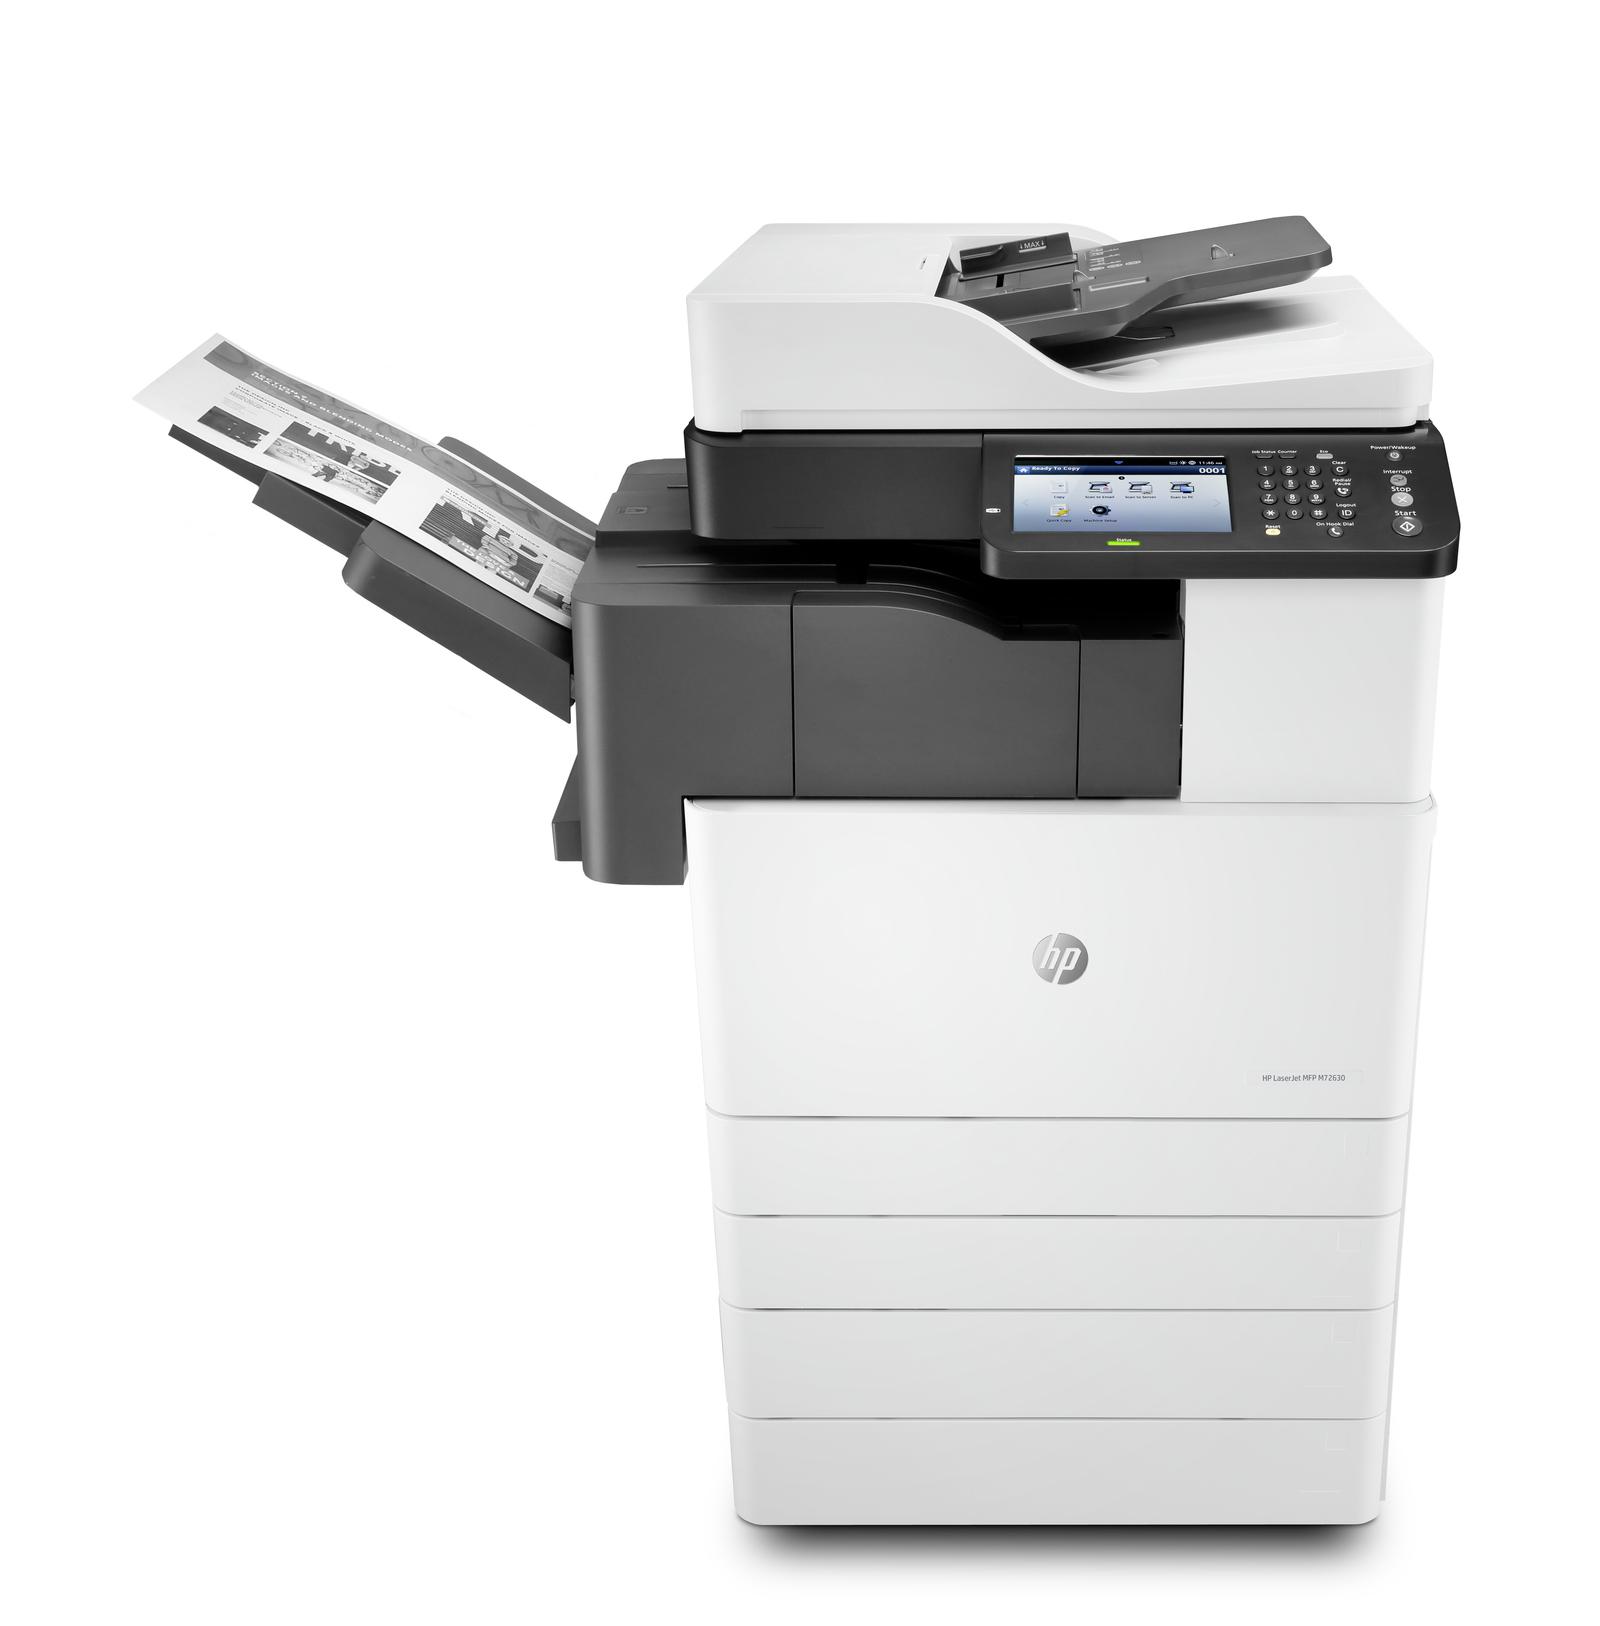 HP LaserJet MFP M72630dn photo